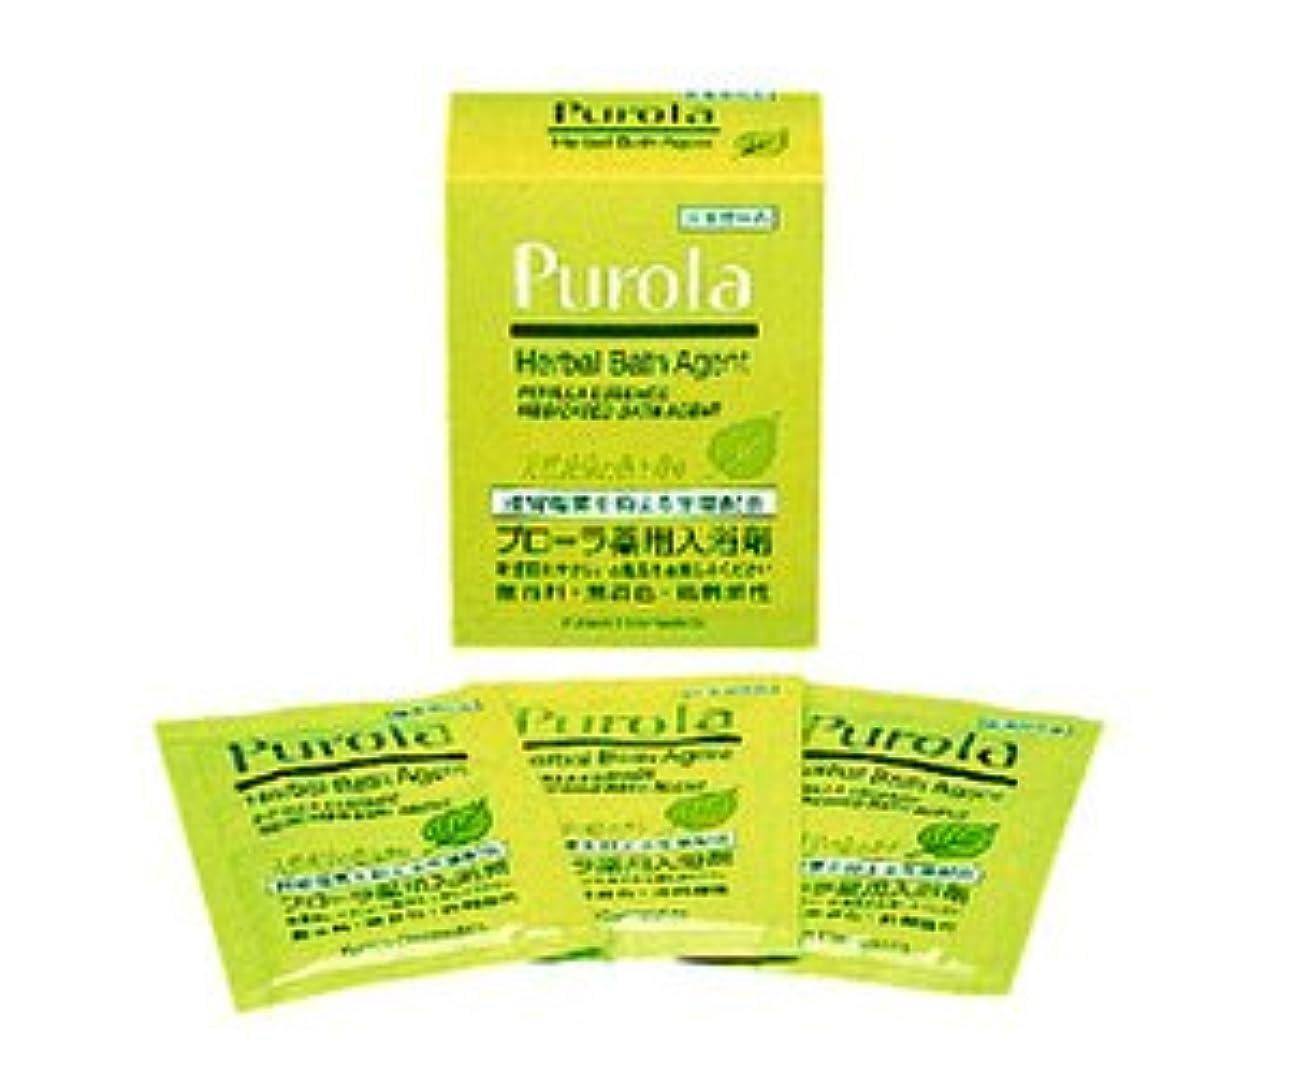 内陸抽出精巧なプローラ薬用入浴剤 25g×10包 低刺激性入浴剤